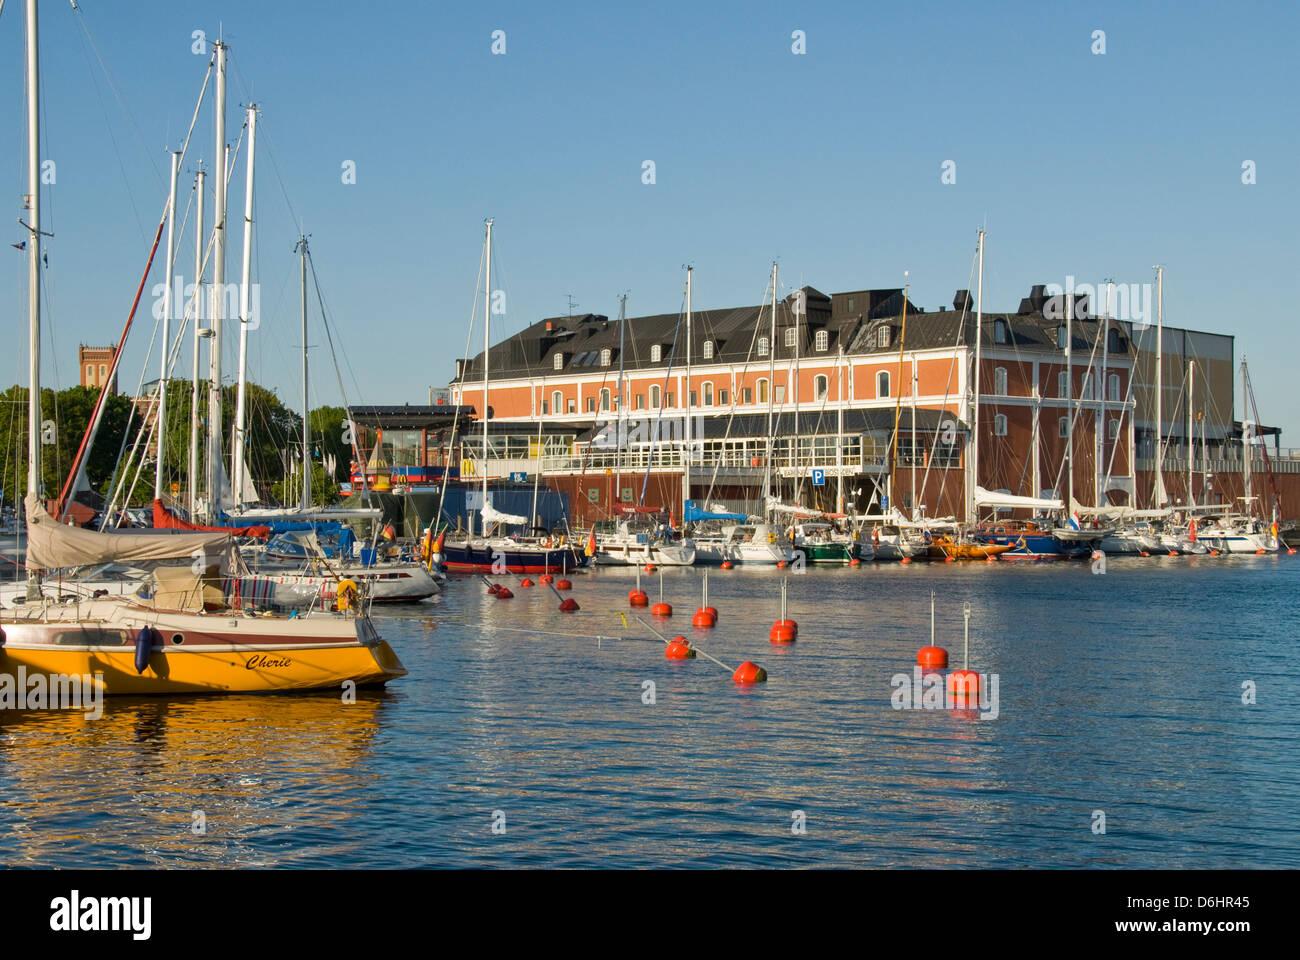 Kalmar Harbour, Kalmar, Sweden - Stock Image